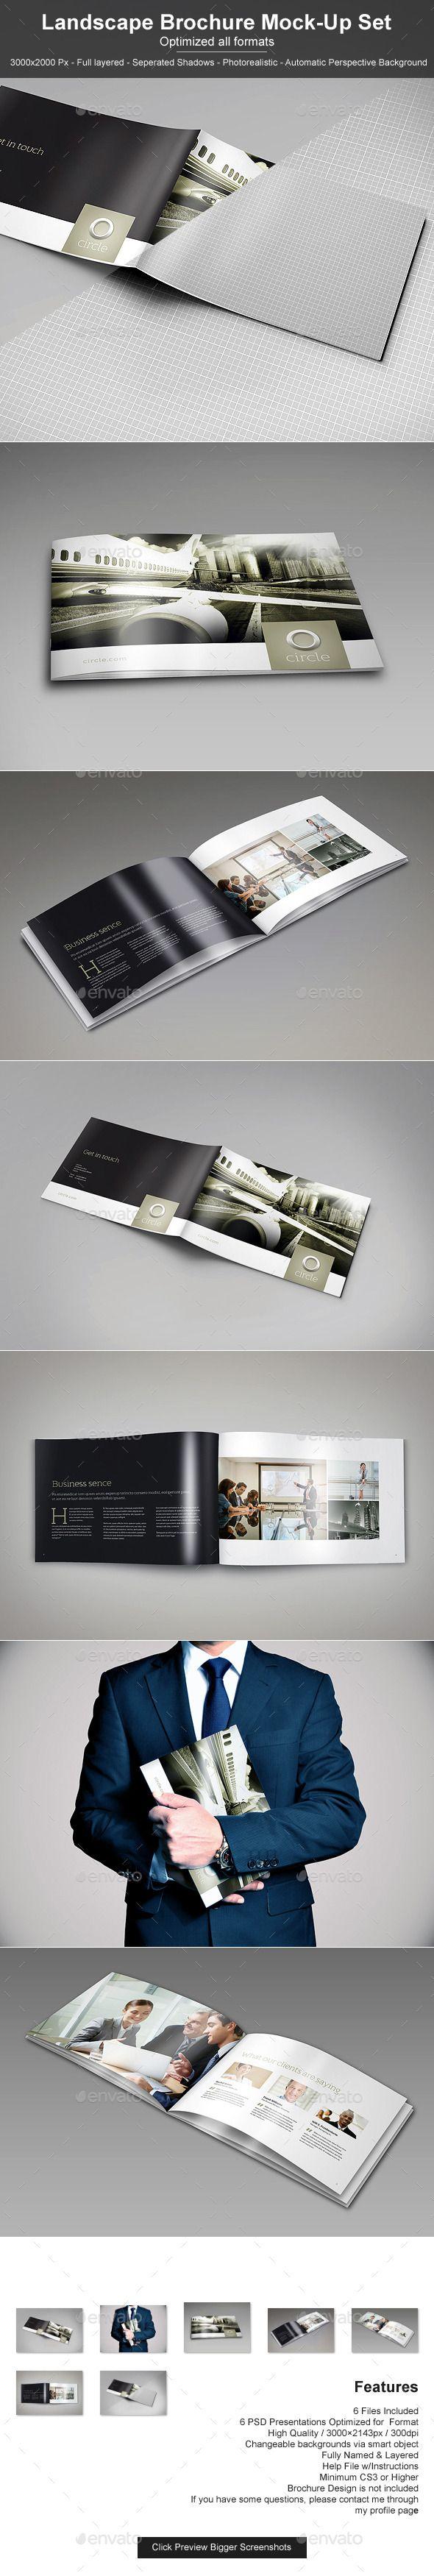 Landscape Brochure Mock-Up Set 2 | Pinterest